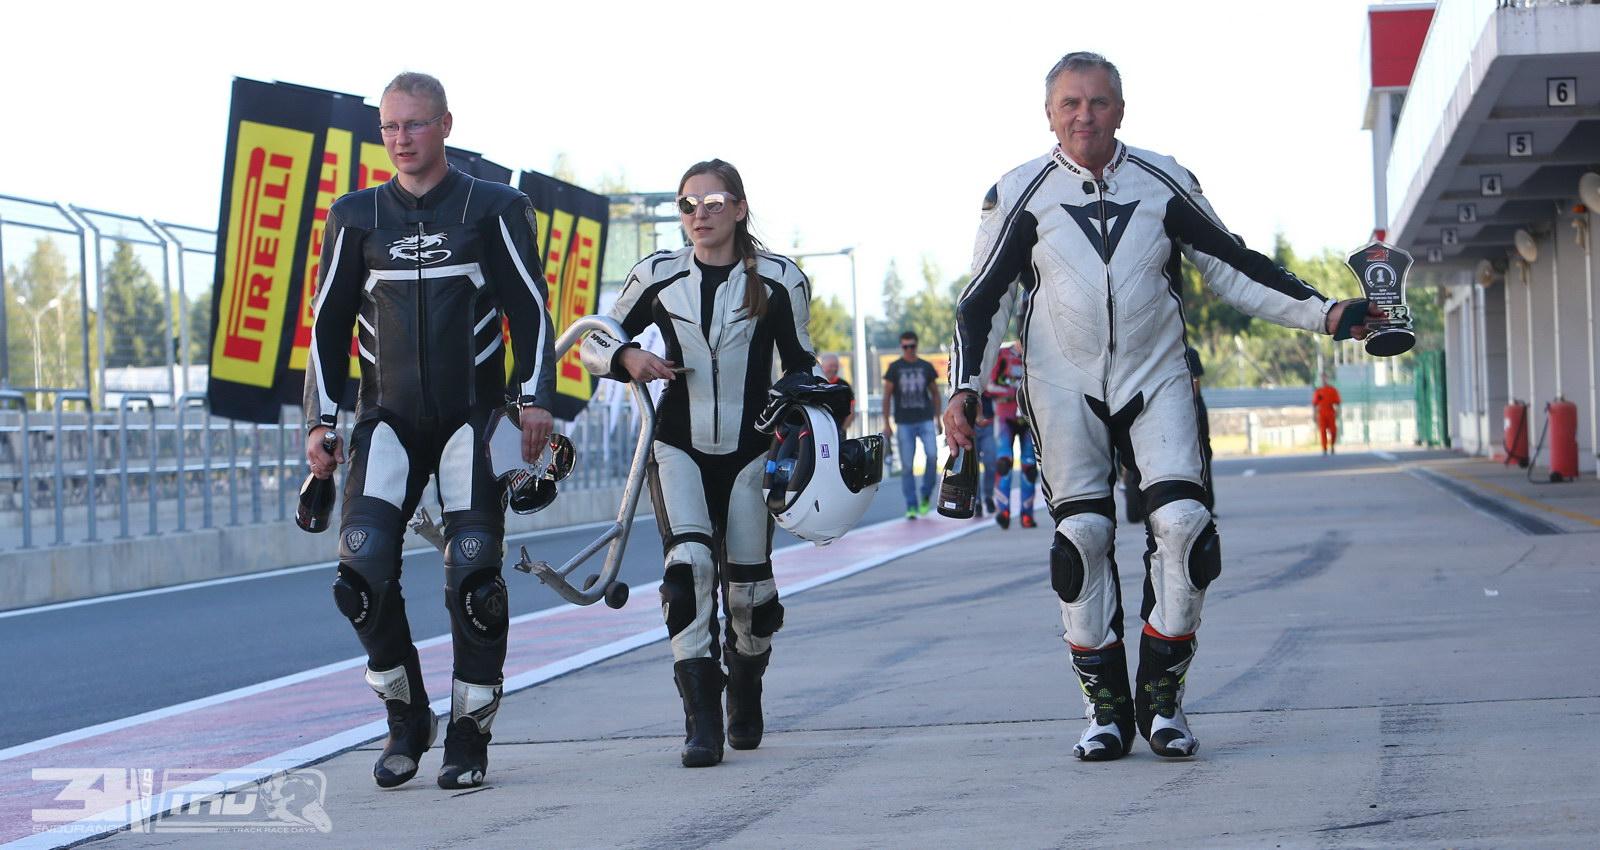 Команда Motorradhof досрочно стала чемпионом TRD Endurance в классе PRO